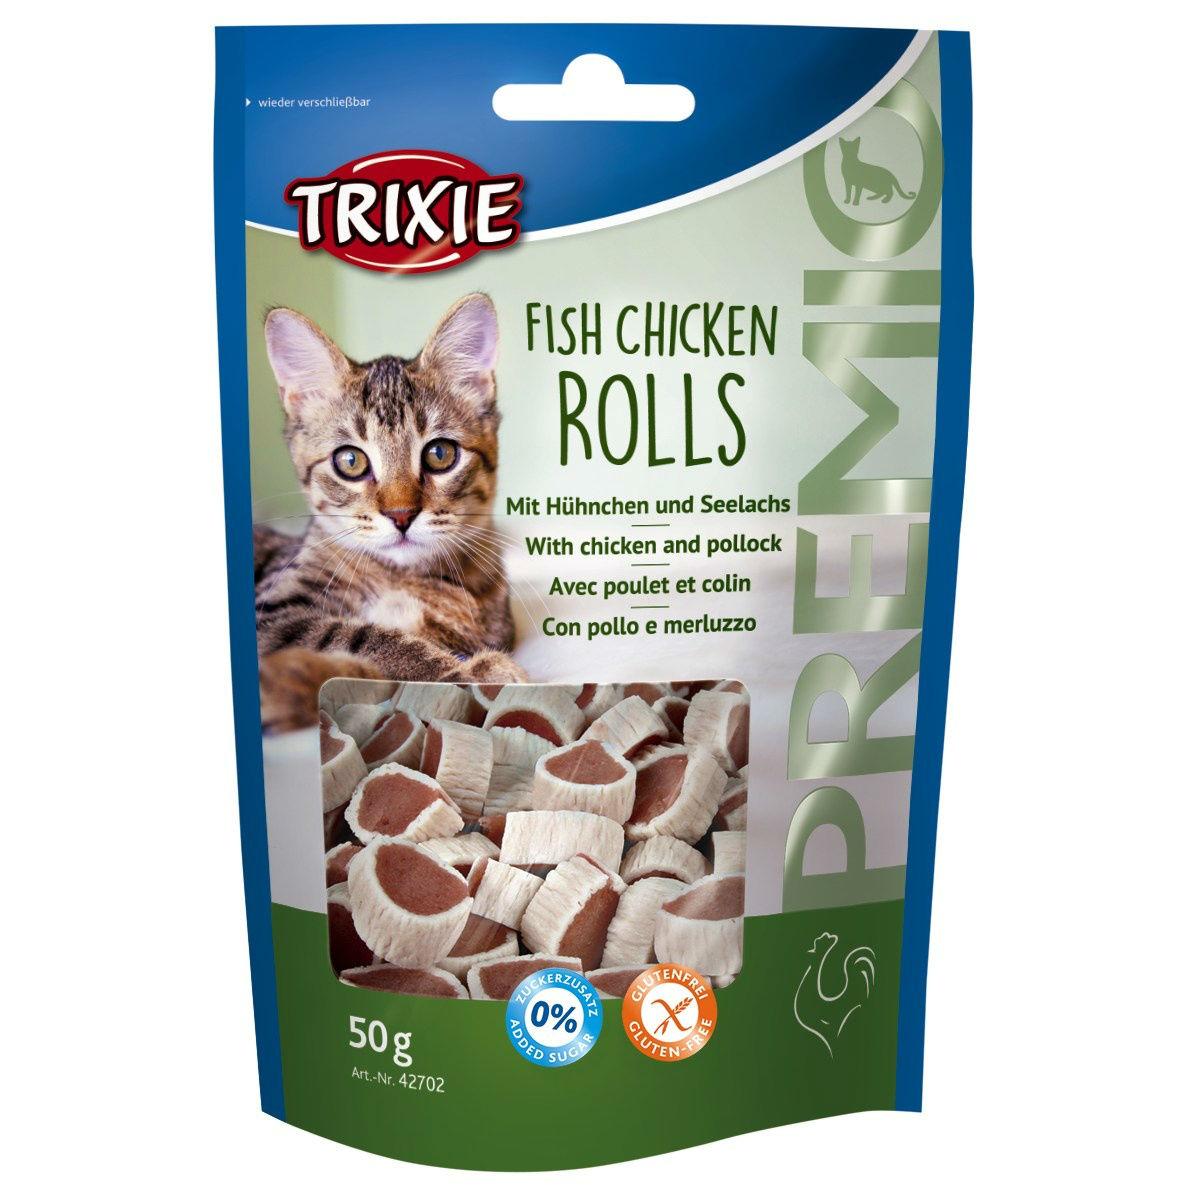 Trixie Katzen Leckerli Premio Fish Chicken Rolls 42702